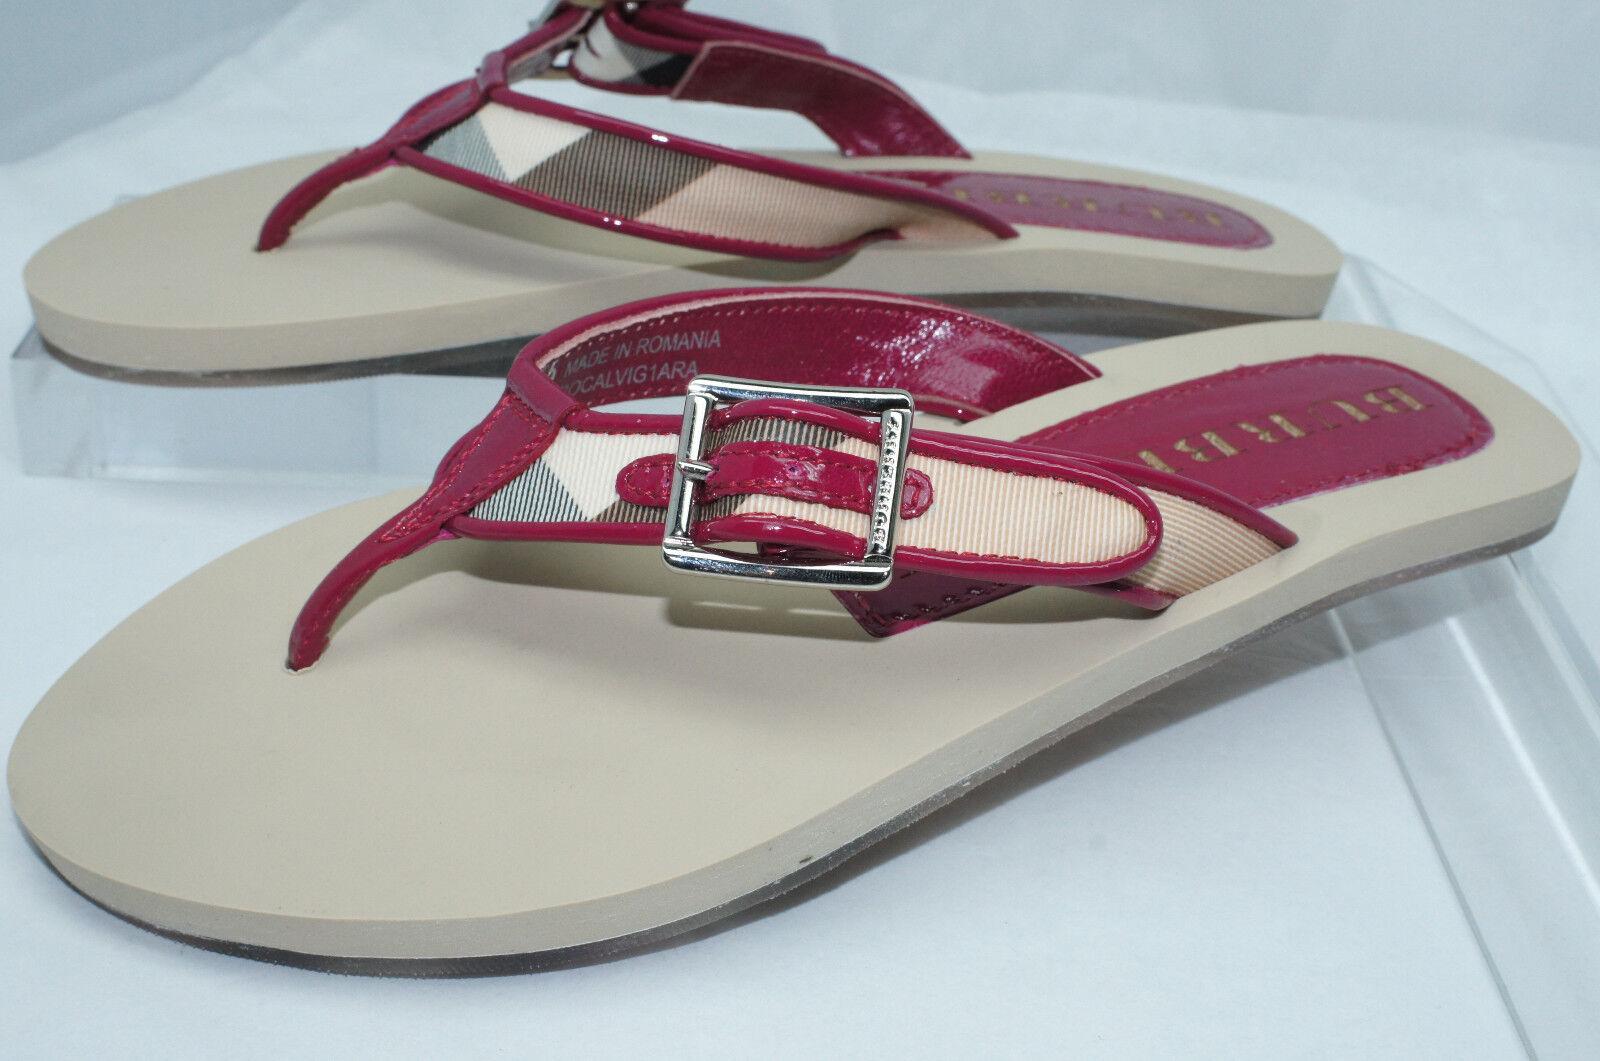 Nuevo Sandalias de comprobación de Burberry Tangas Nova tamaño tamaño tamaño 36 Flip Flop Zapatos  Venta en línea precio bajo descuento